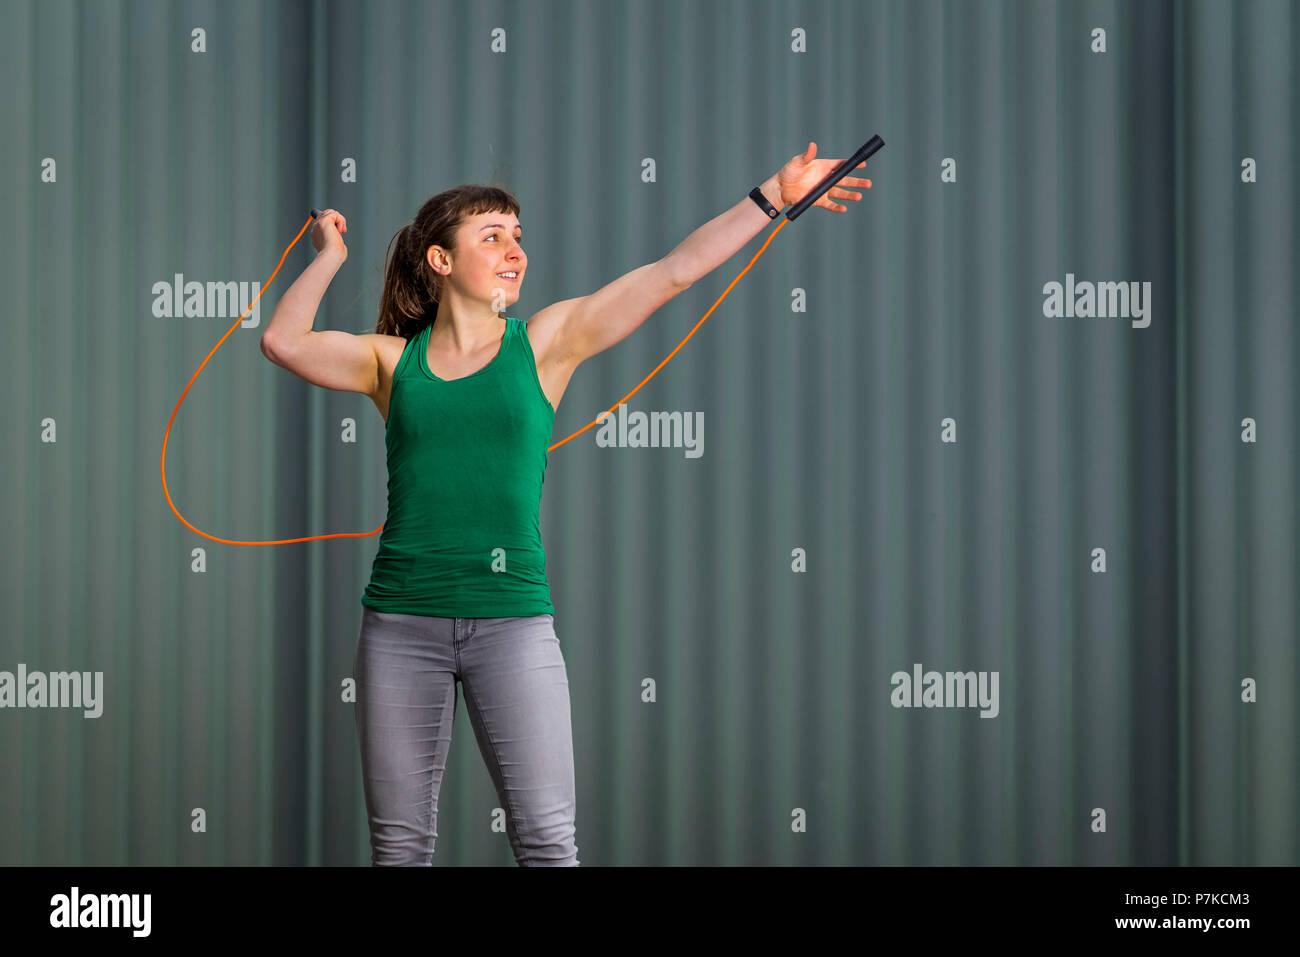 Adolescente salto con la corda, 18 anni, femmina, ambiente urbano Immagini Stock